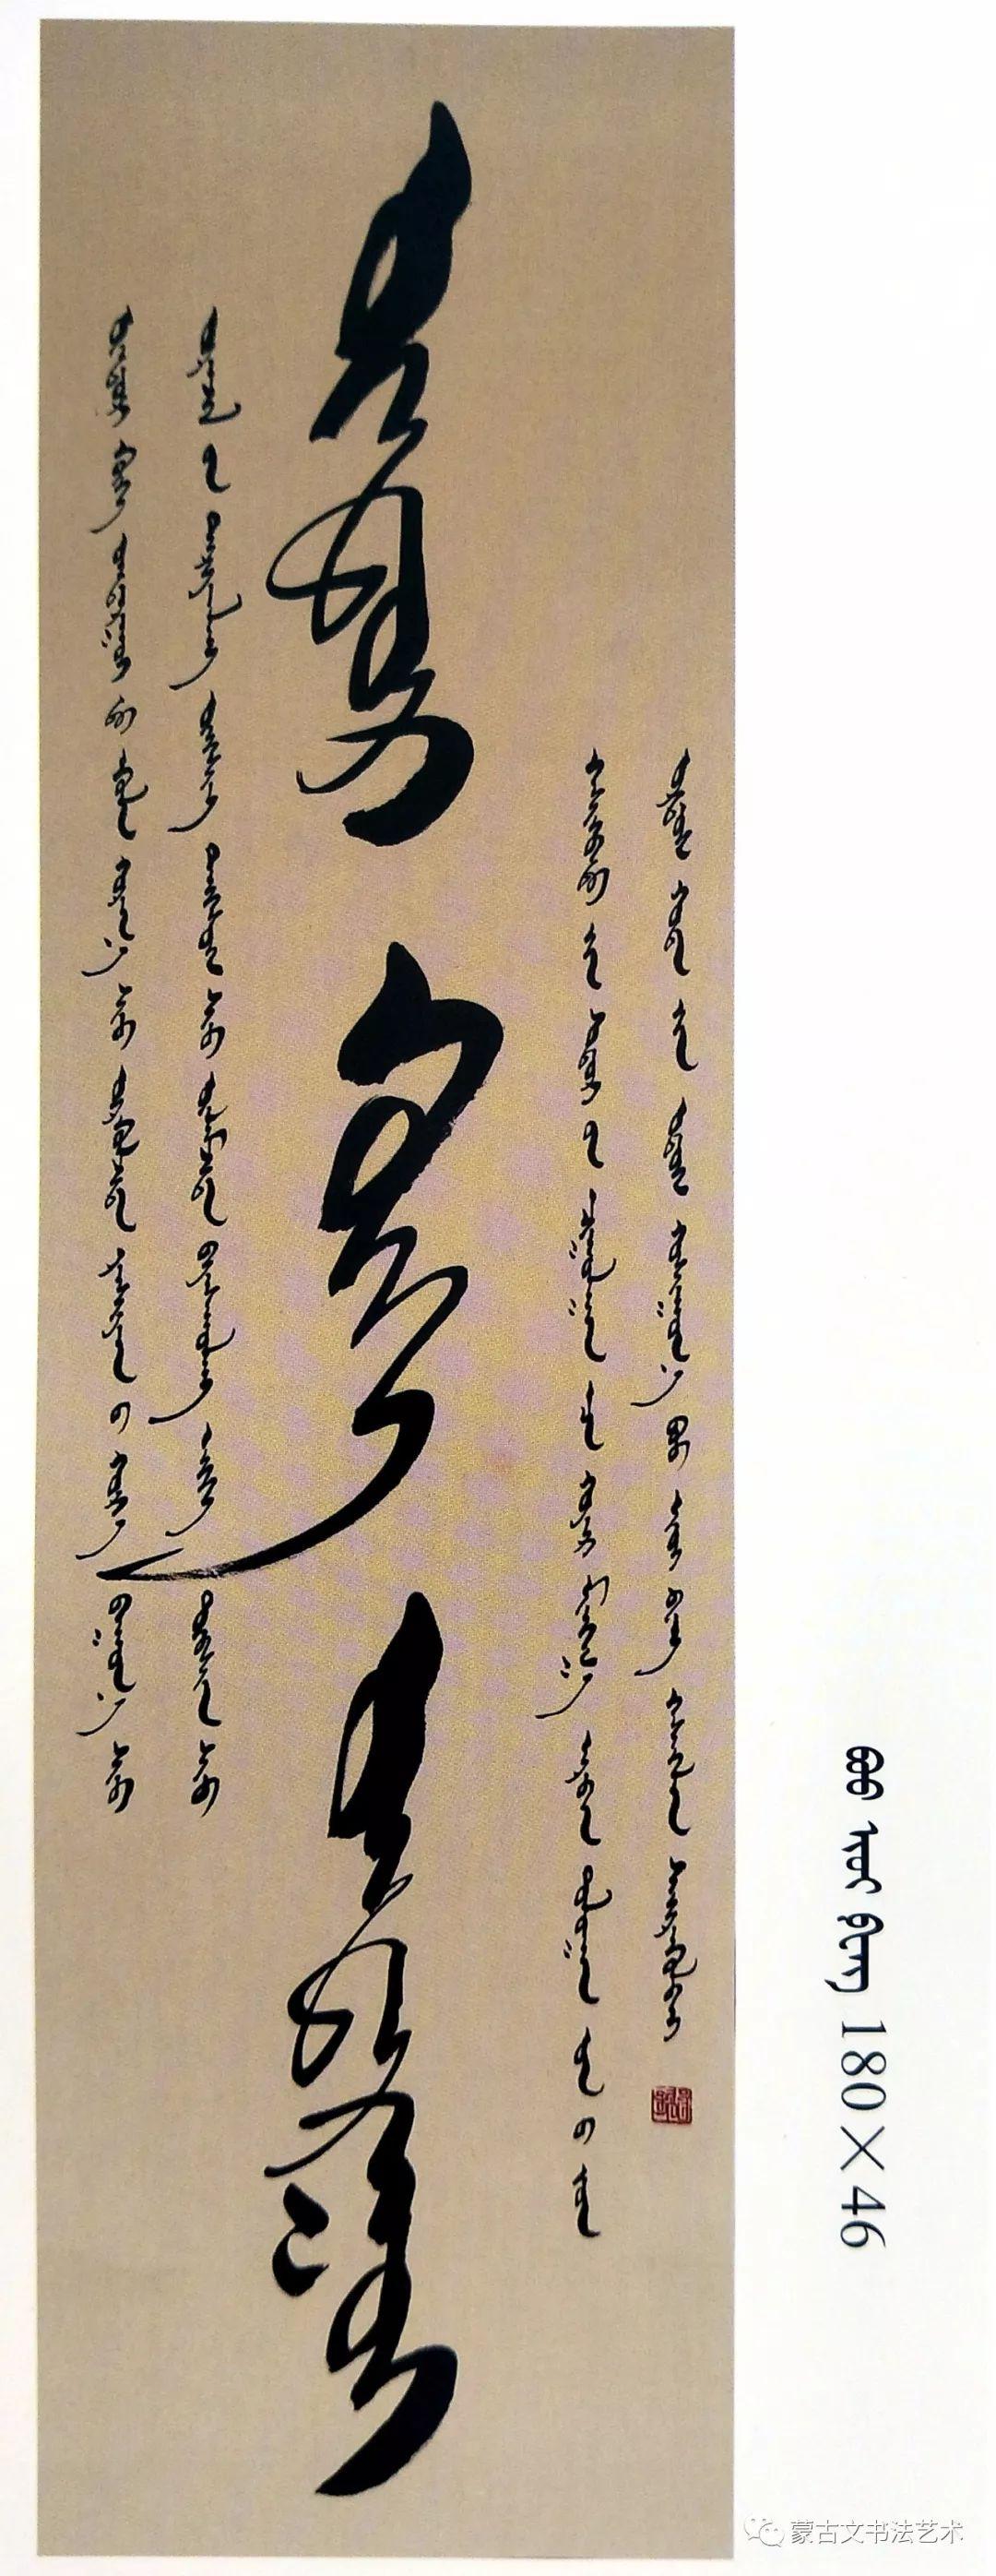 贺希格巴图蒙古文书法大赛作品(一) 第8张